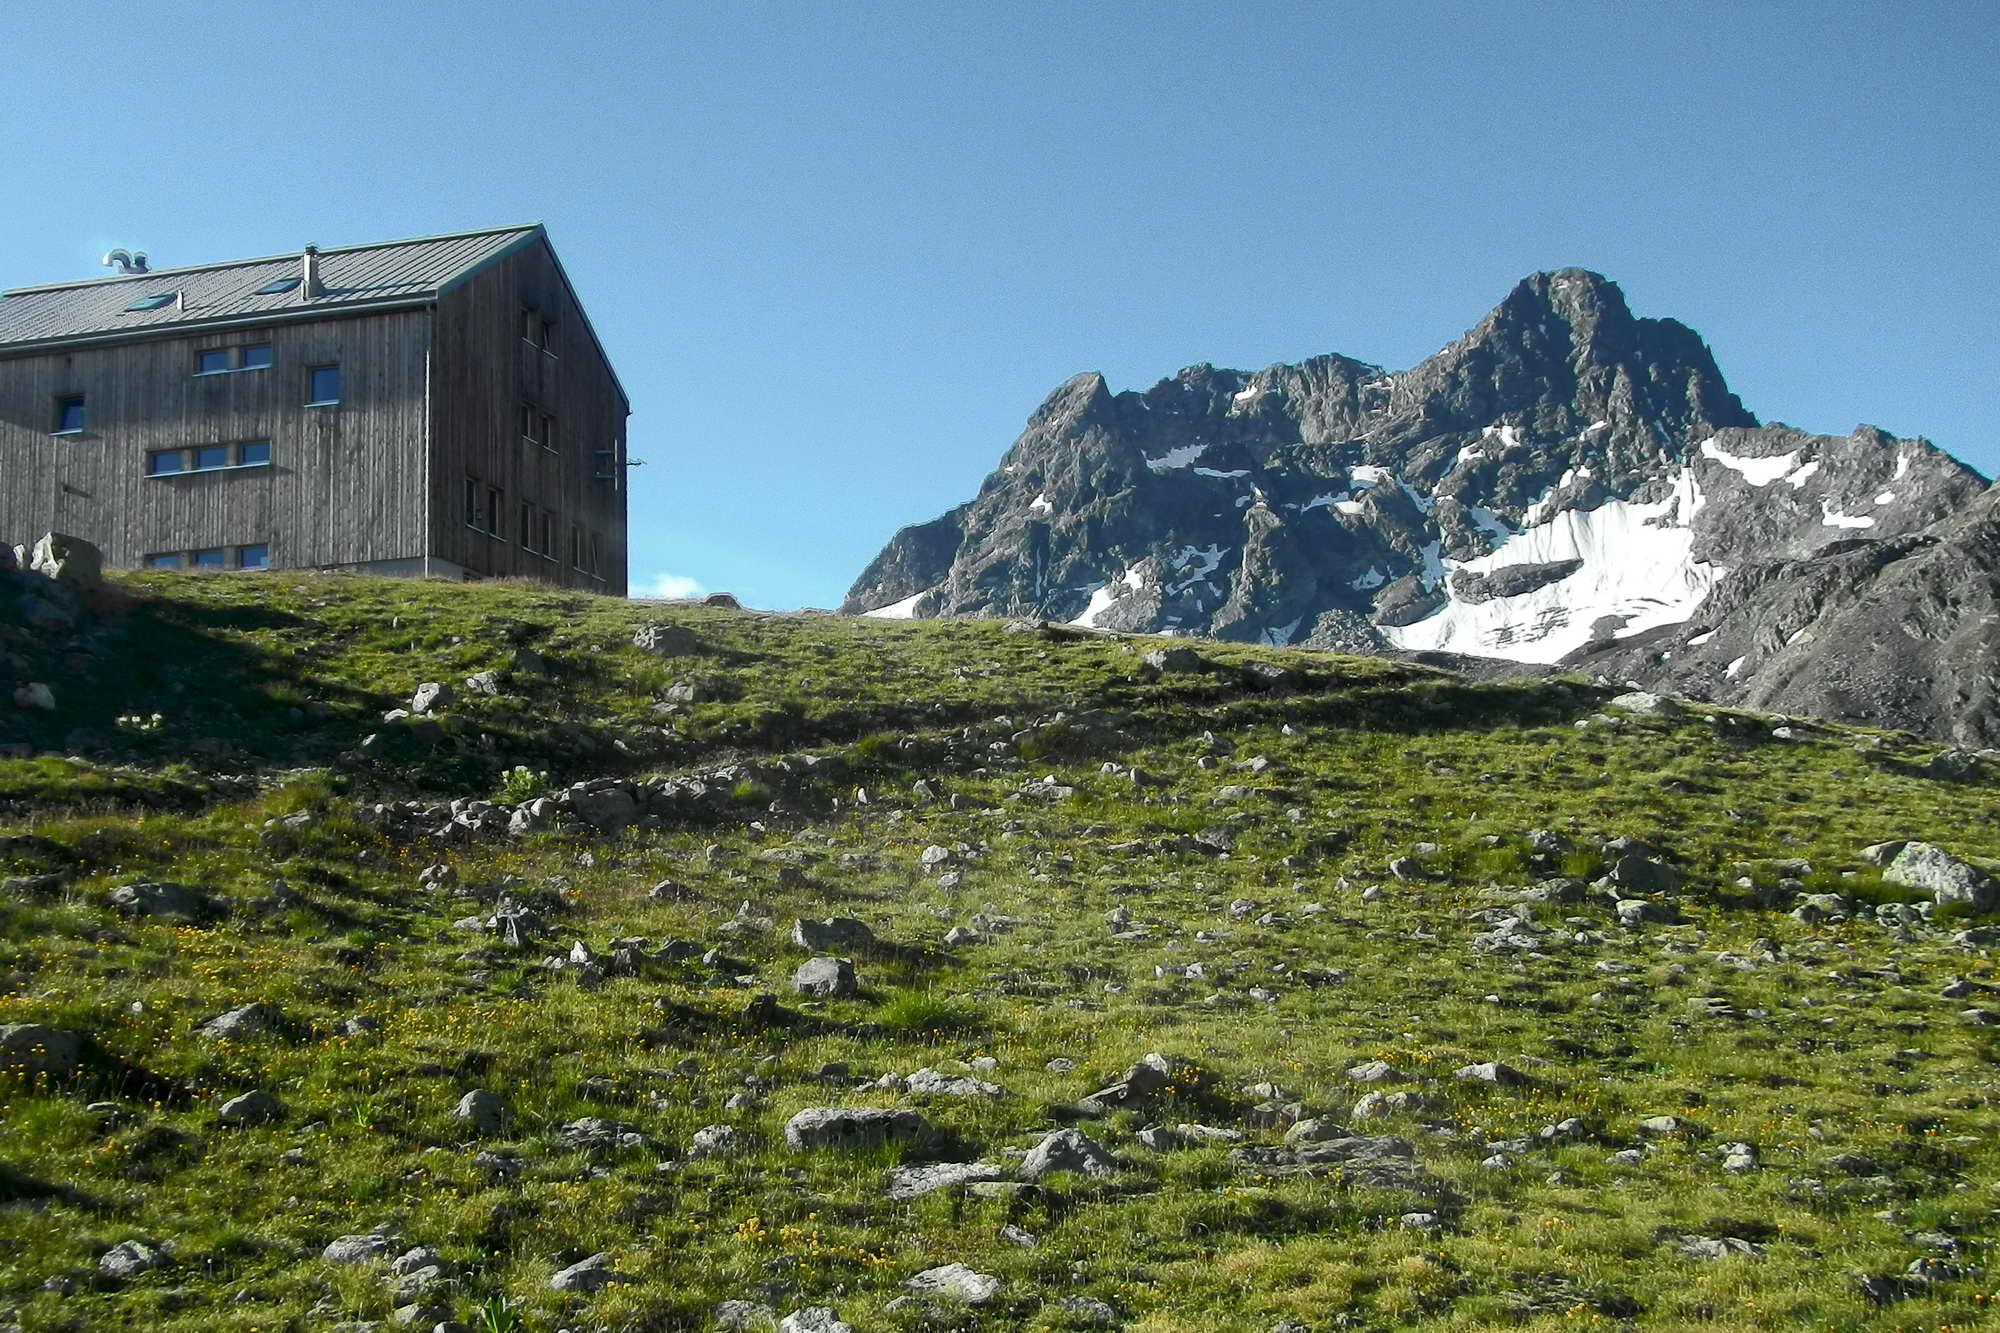 MT 5.8 Keschhütte > Bergün (Graubünden)